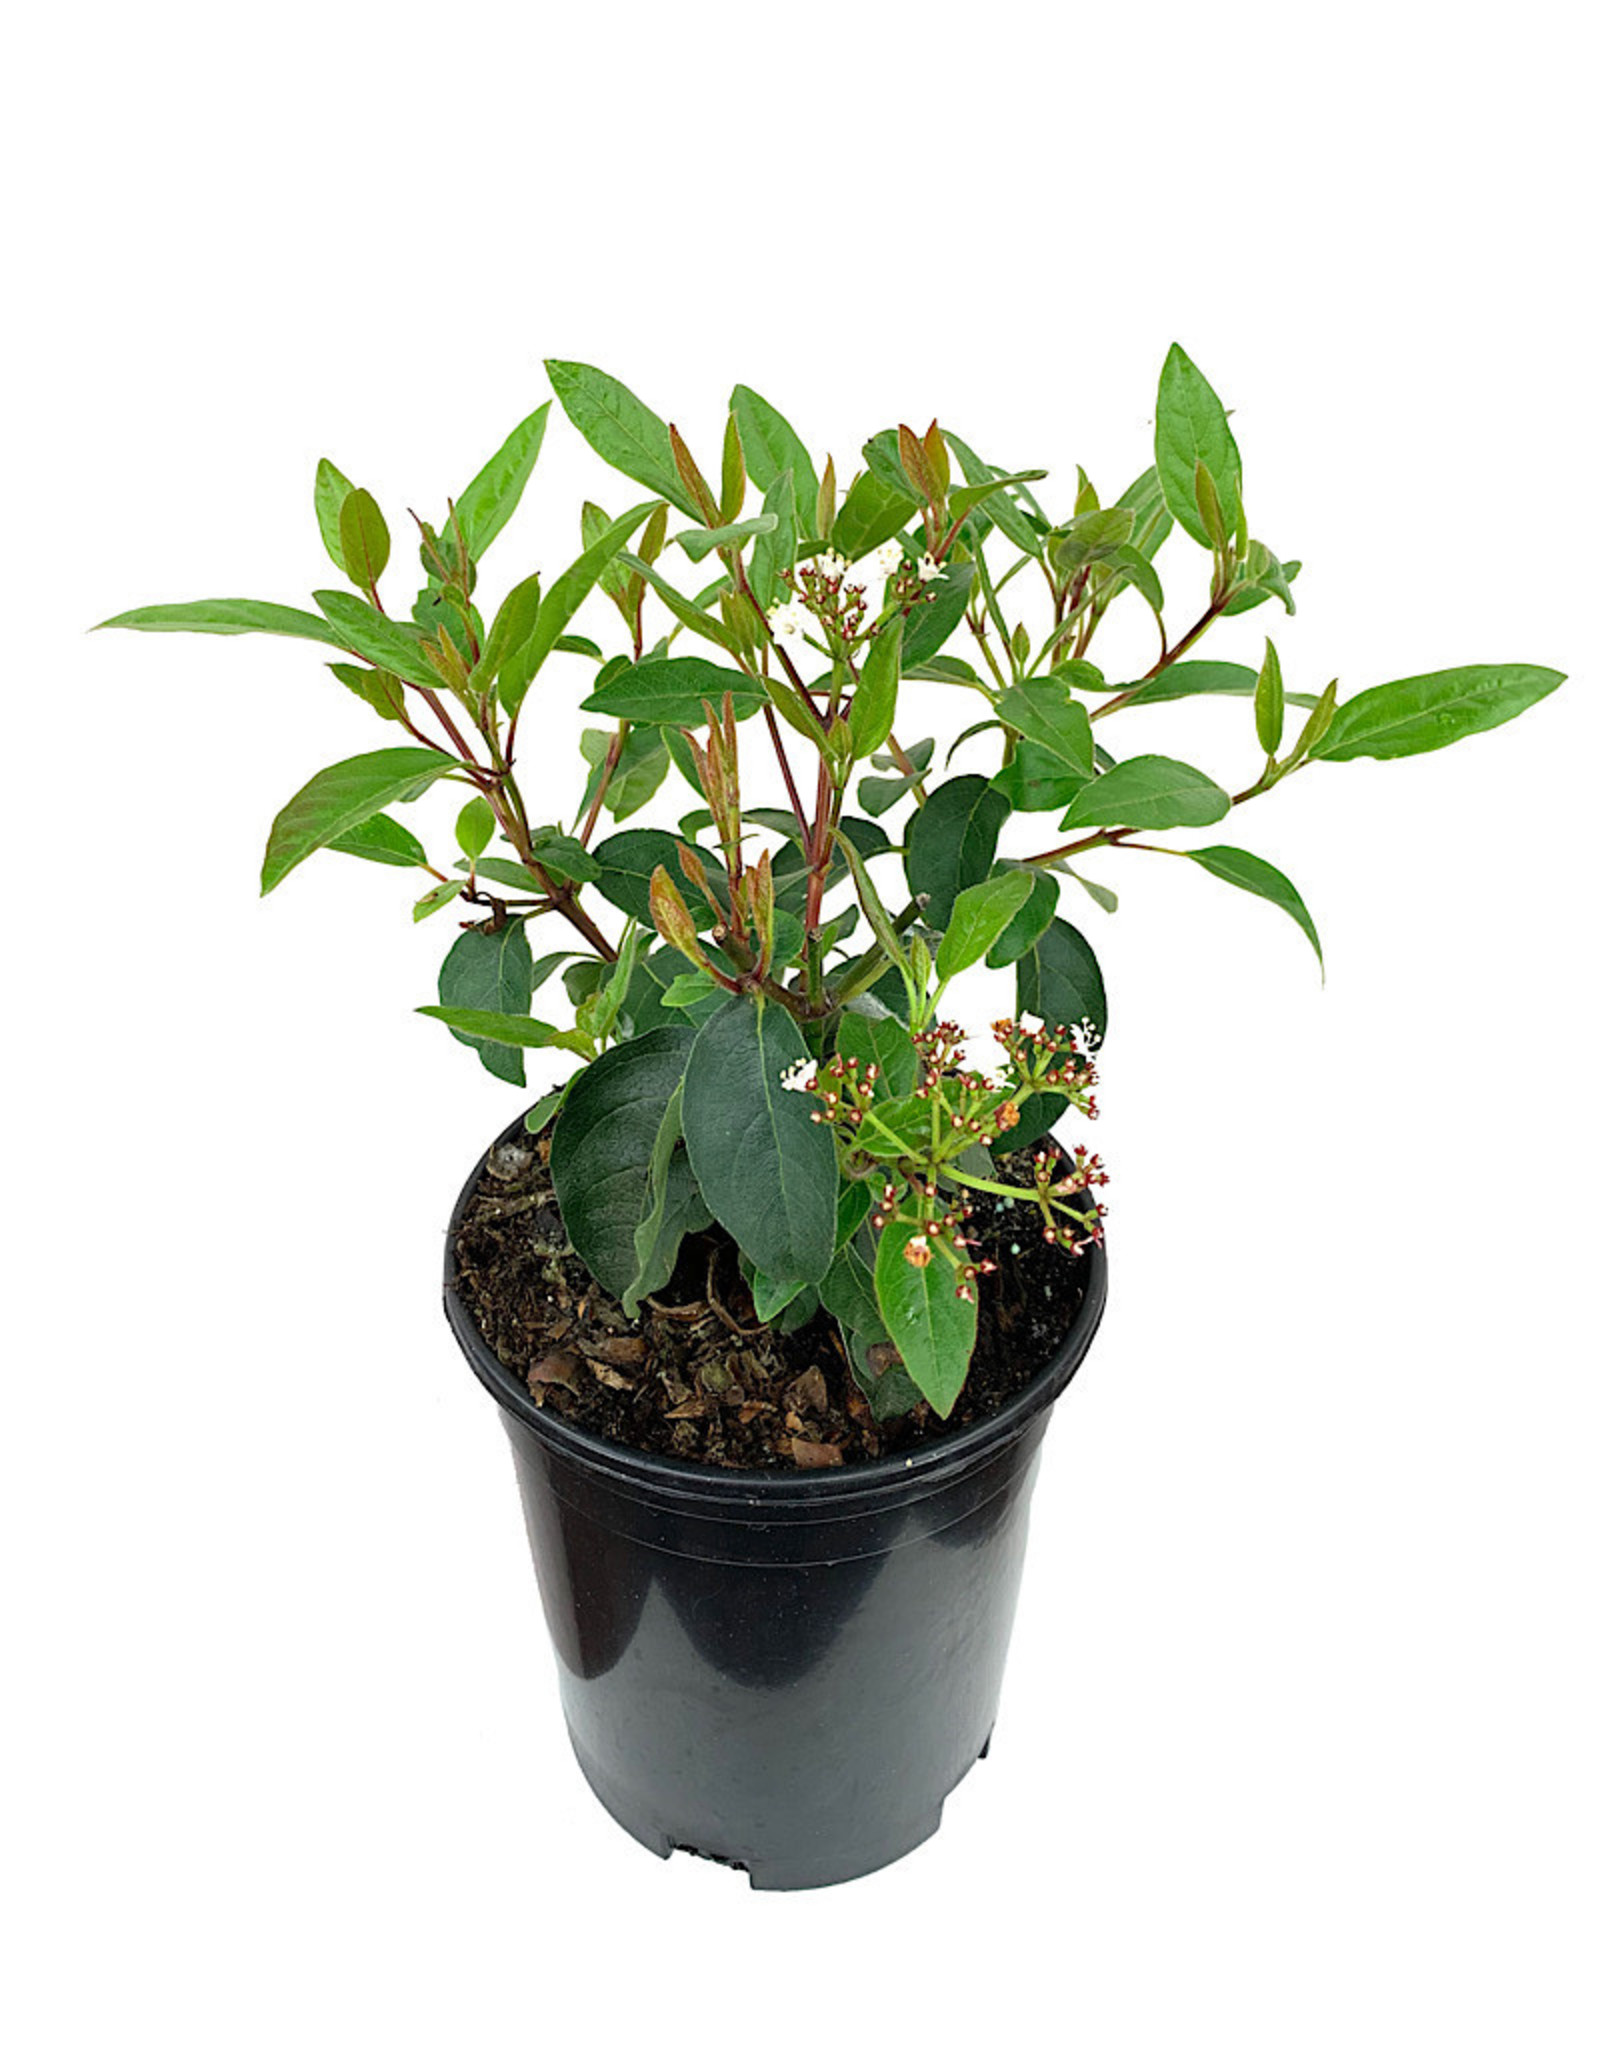 Viburnum tinus 'Spring Bouquet' 1 Gallon